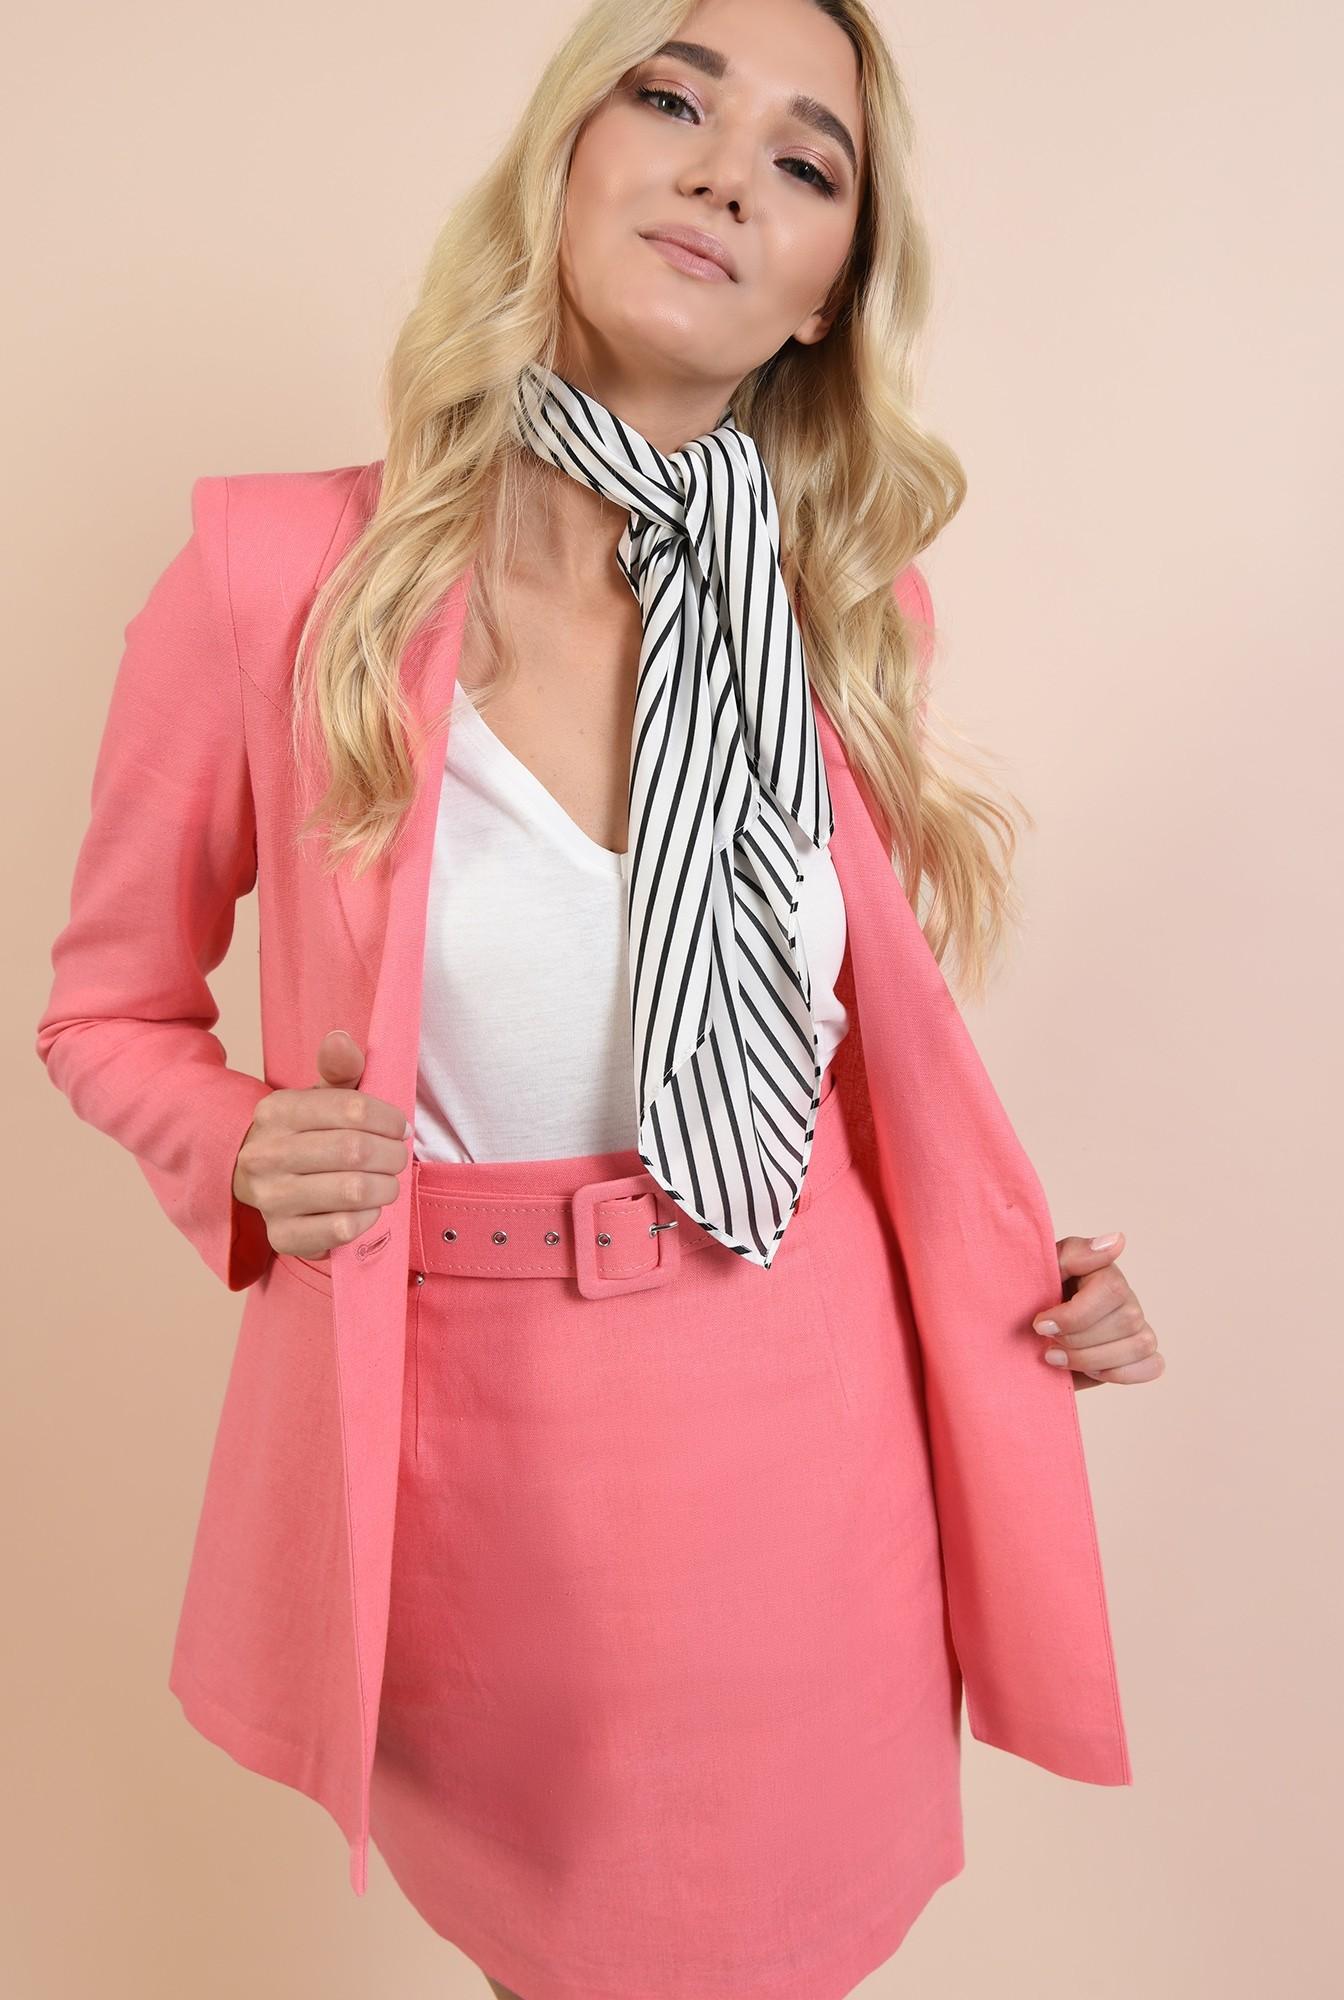 2 - fusta casual, mini, cu talie inalta, din in, roz